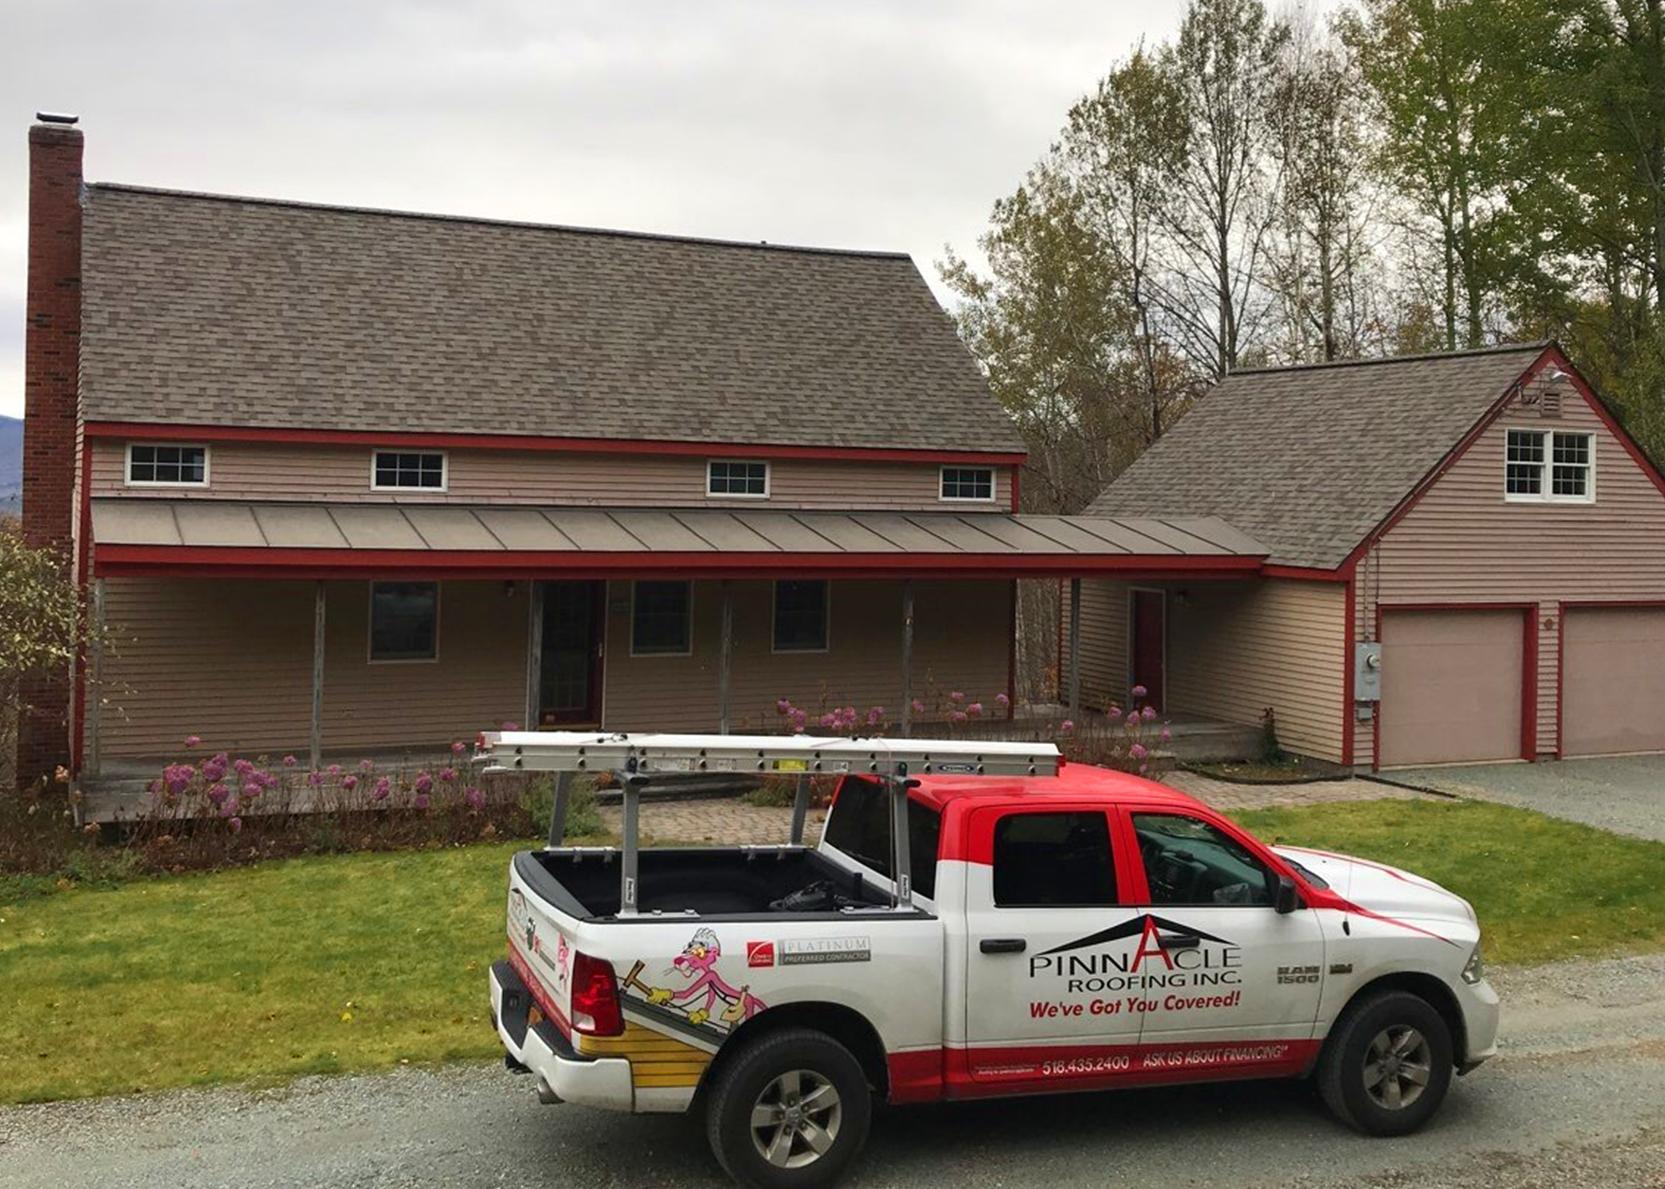 The Pinnacle Team — Pinnacle Roofing Inc.